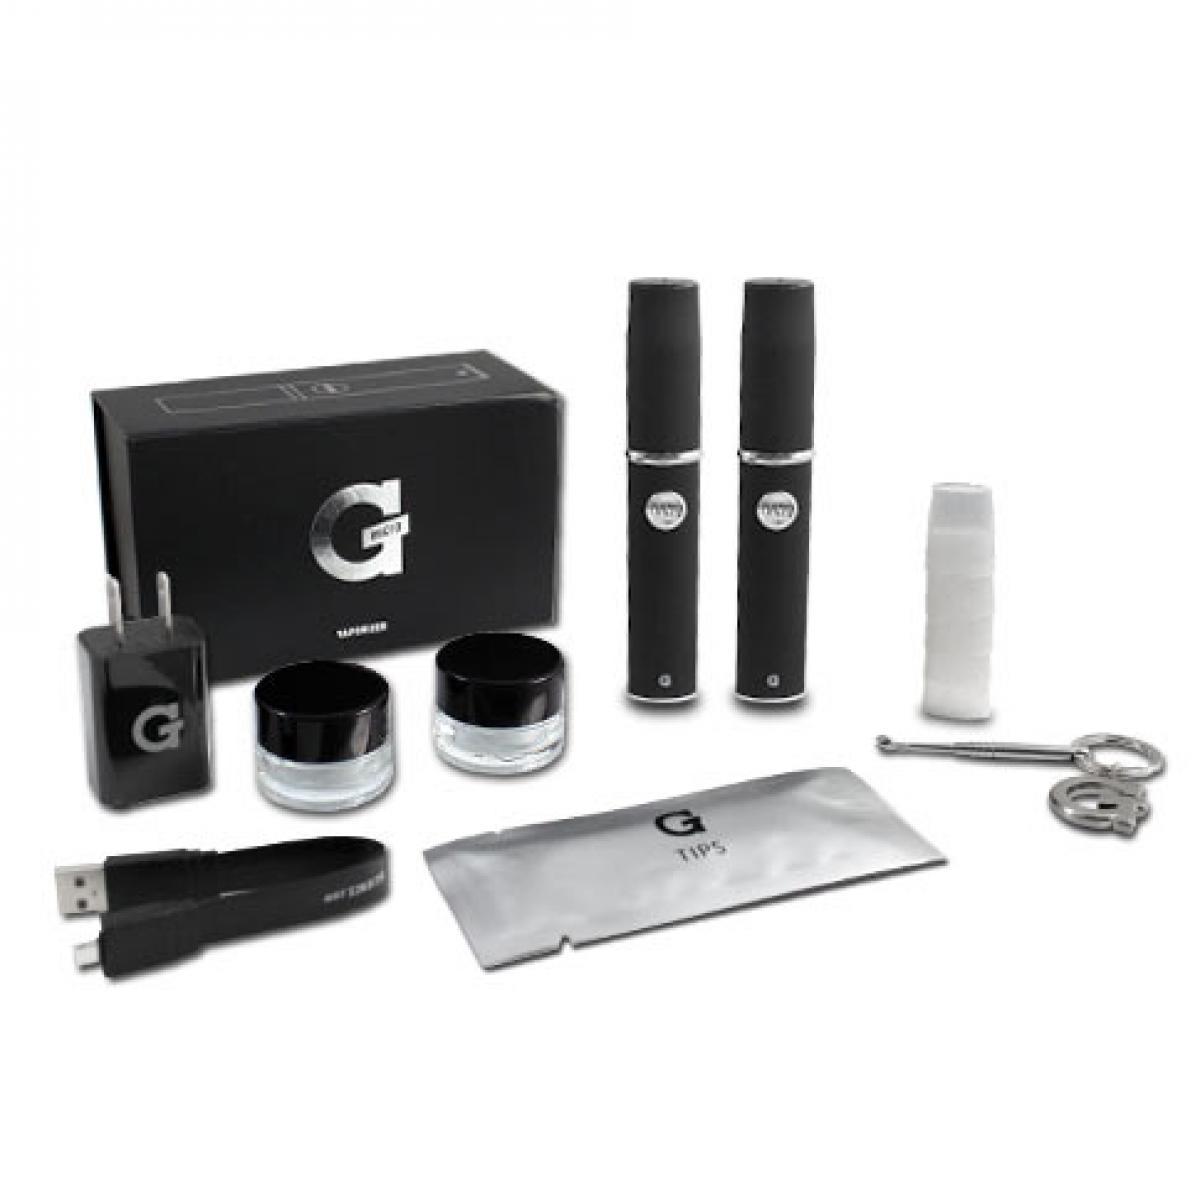 G Pen microG Original Vaporizer (Dual Set)